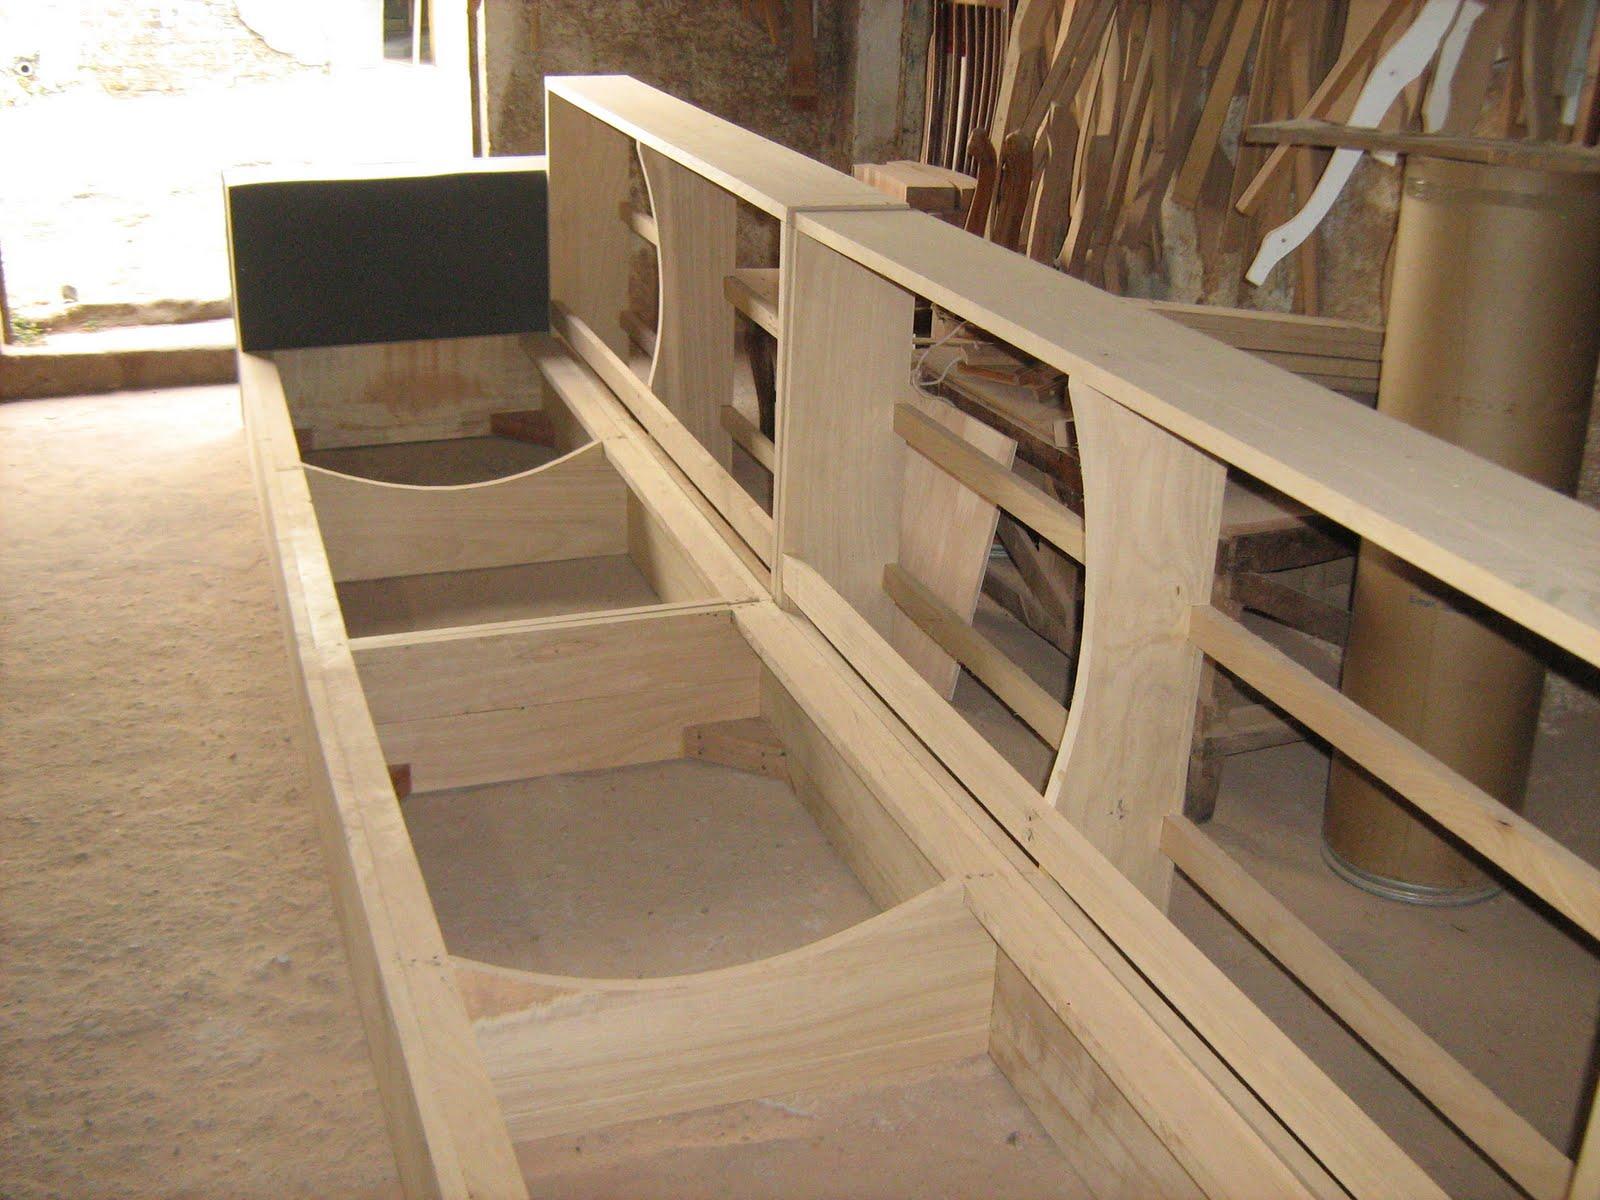 i9 nove Estofados: A estrutura apropriada para o sofá #9C752F 1600x1200